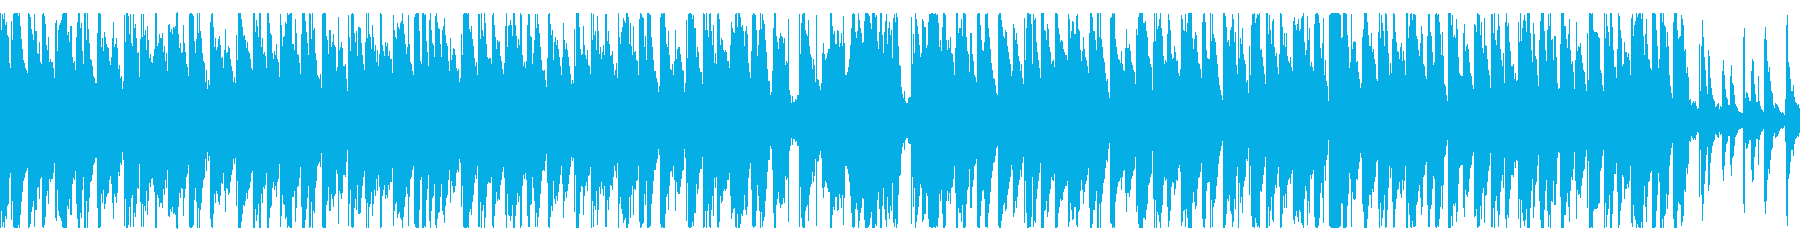 ハウス/夕日が沈む海にオシャレギターの再生済みの波形